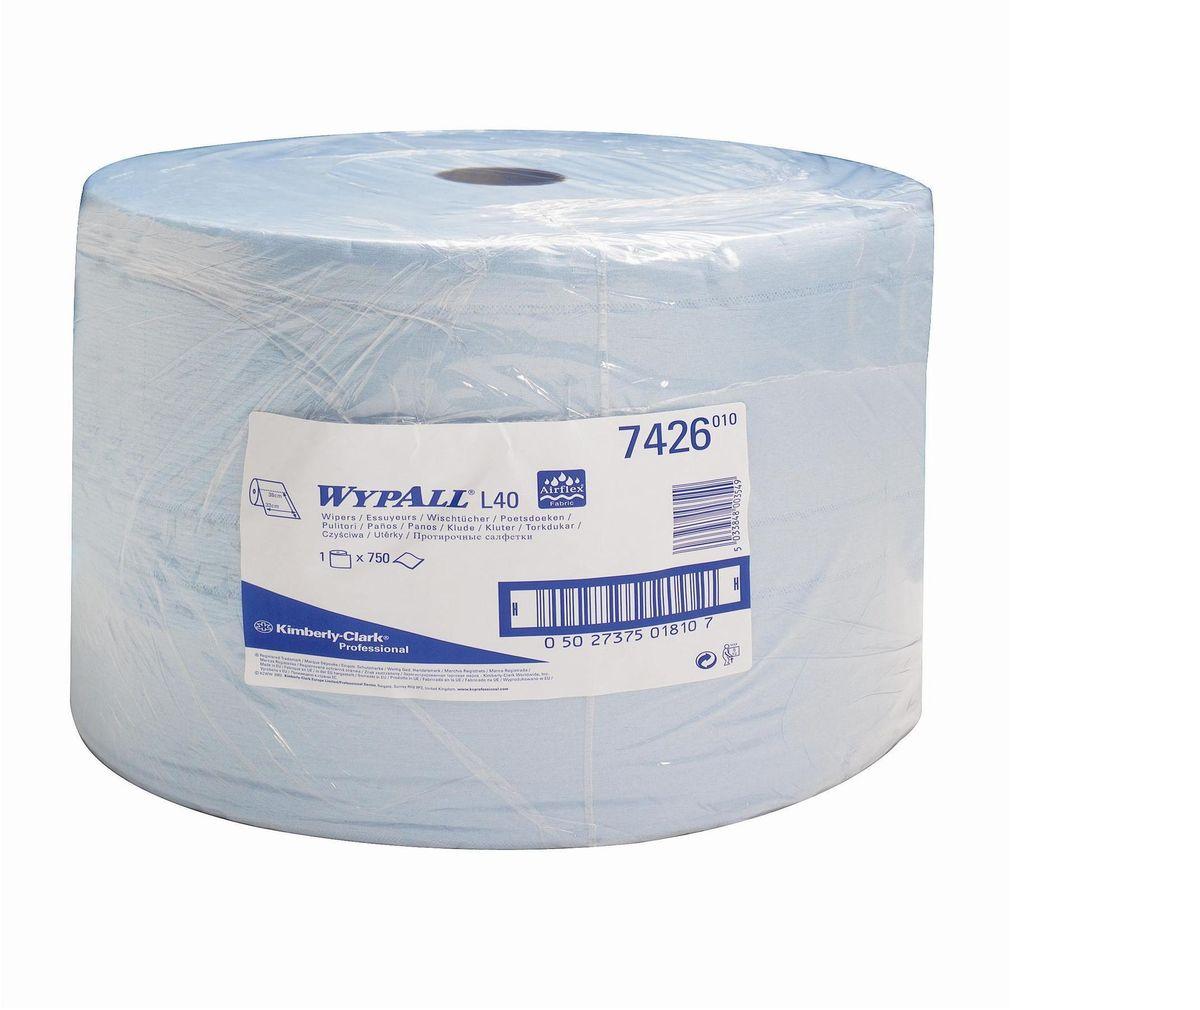 Салфетка протирочная Wypall L40, трехслойные, 750 листов. 74267426Протирочные салфетки с ограниченным сроком службы, произведенные при помощи технологии AIRFLEX®, отличаются прочностью и отличной впитывающей способностью, что позволяет быстро и экономно выполнять очистку, расходуя меньше салфеток и сокращая затраты. Идеальное решение для операций ежедневной очистки на производственных участках, очистки технологических линий, быстрого устранения крупных разливов масла, смазки, протирки рук и лица пациентов в медицинских учреждениях; помогает предотвратить распространение бактерий. Формат поставки: большой рулон с перфорацией для зон с высокой проходимостью. Может использоваться с переносными или стационарными диспенсерами для контроля расхода продукта и уменьшения объема отходов.